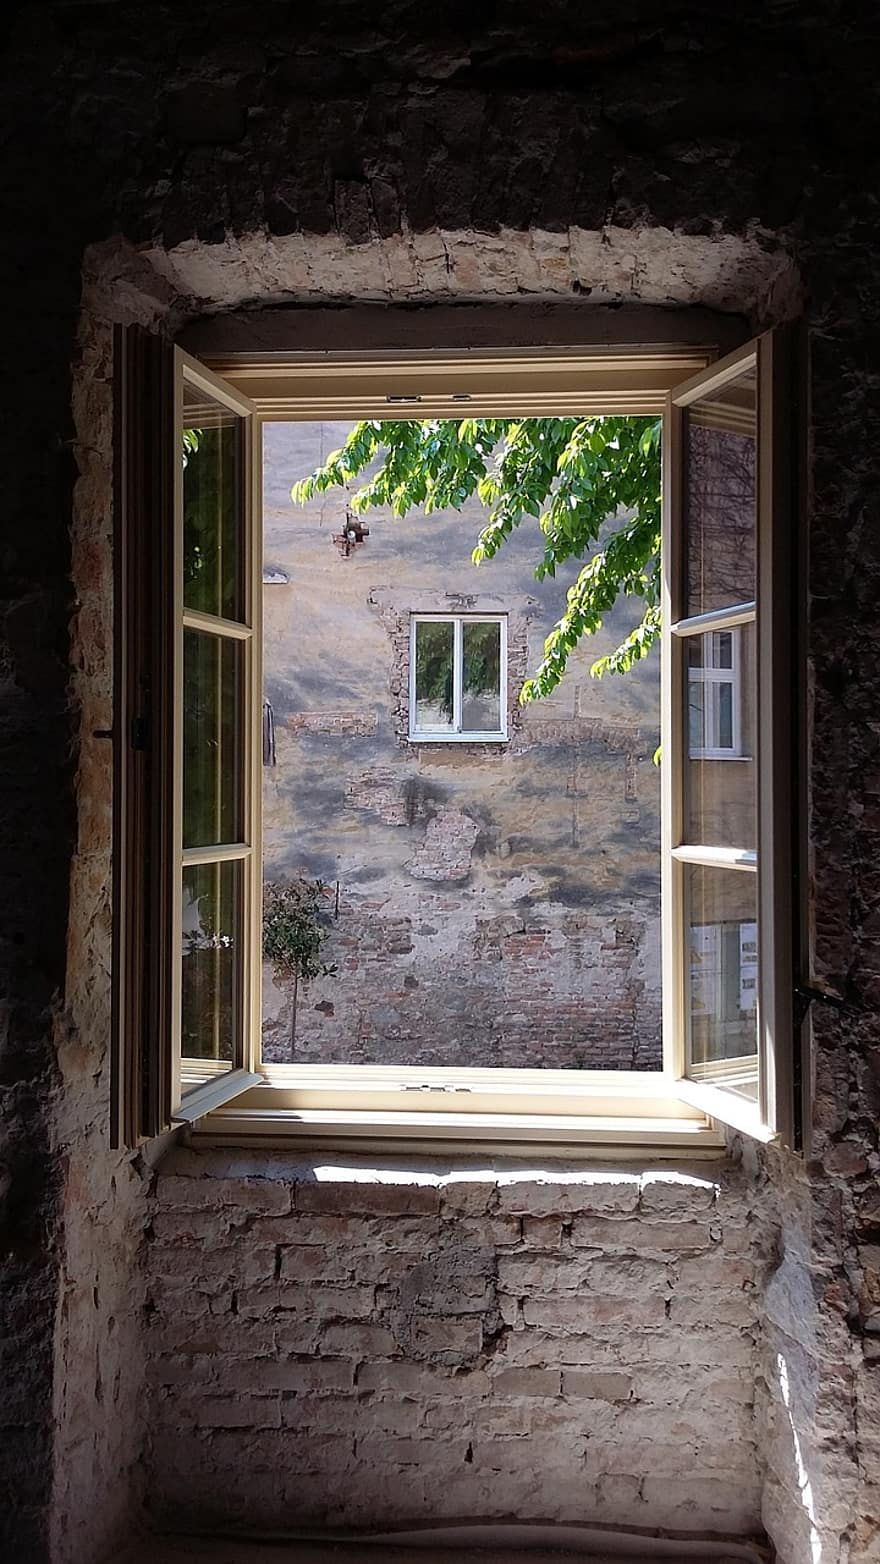 Una ventana de madera abierta de par en par